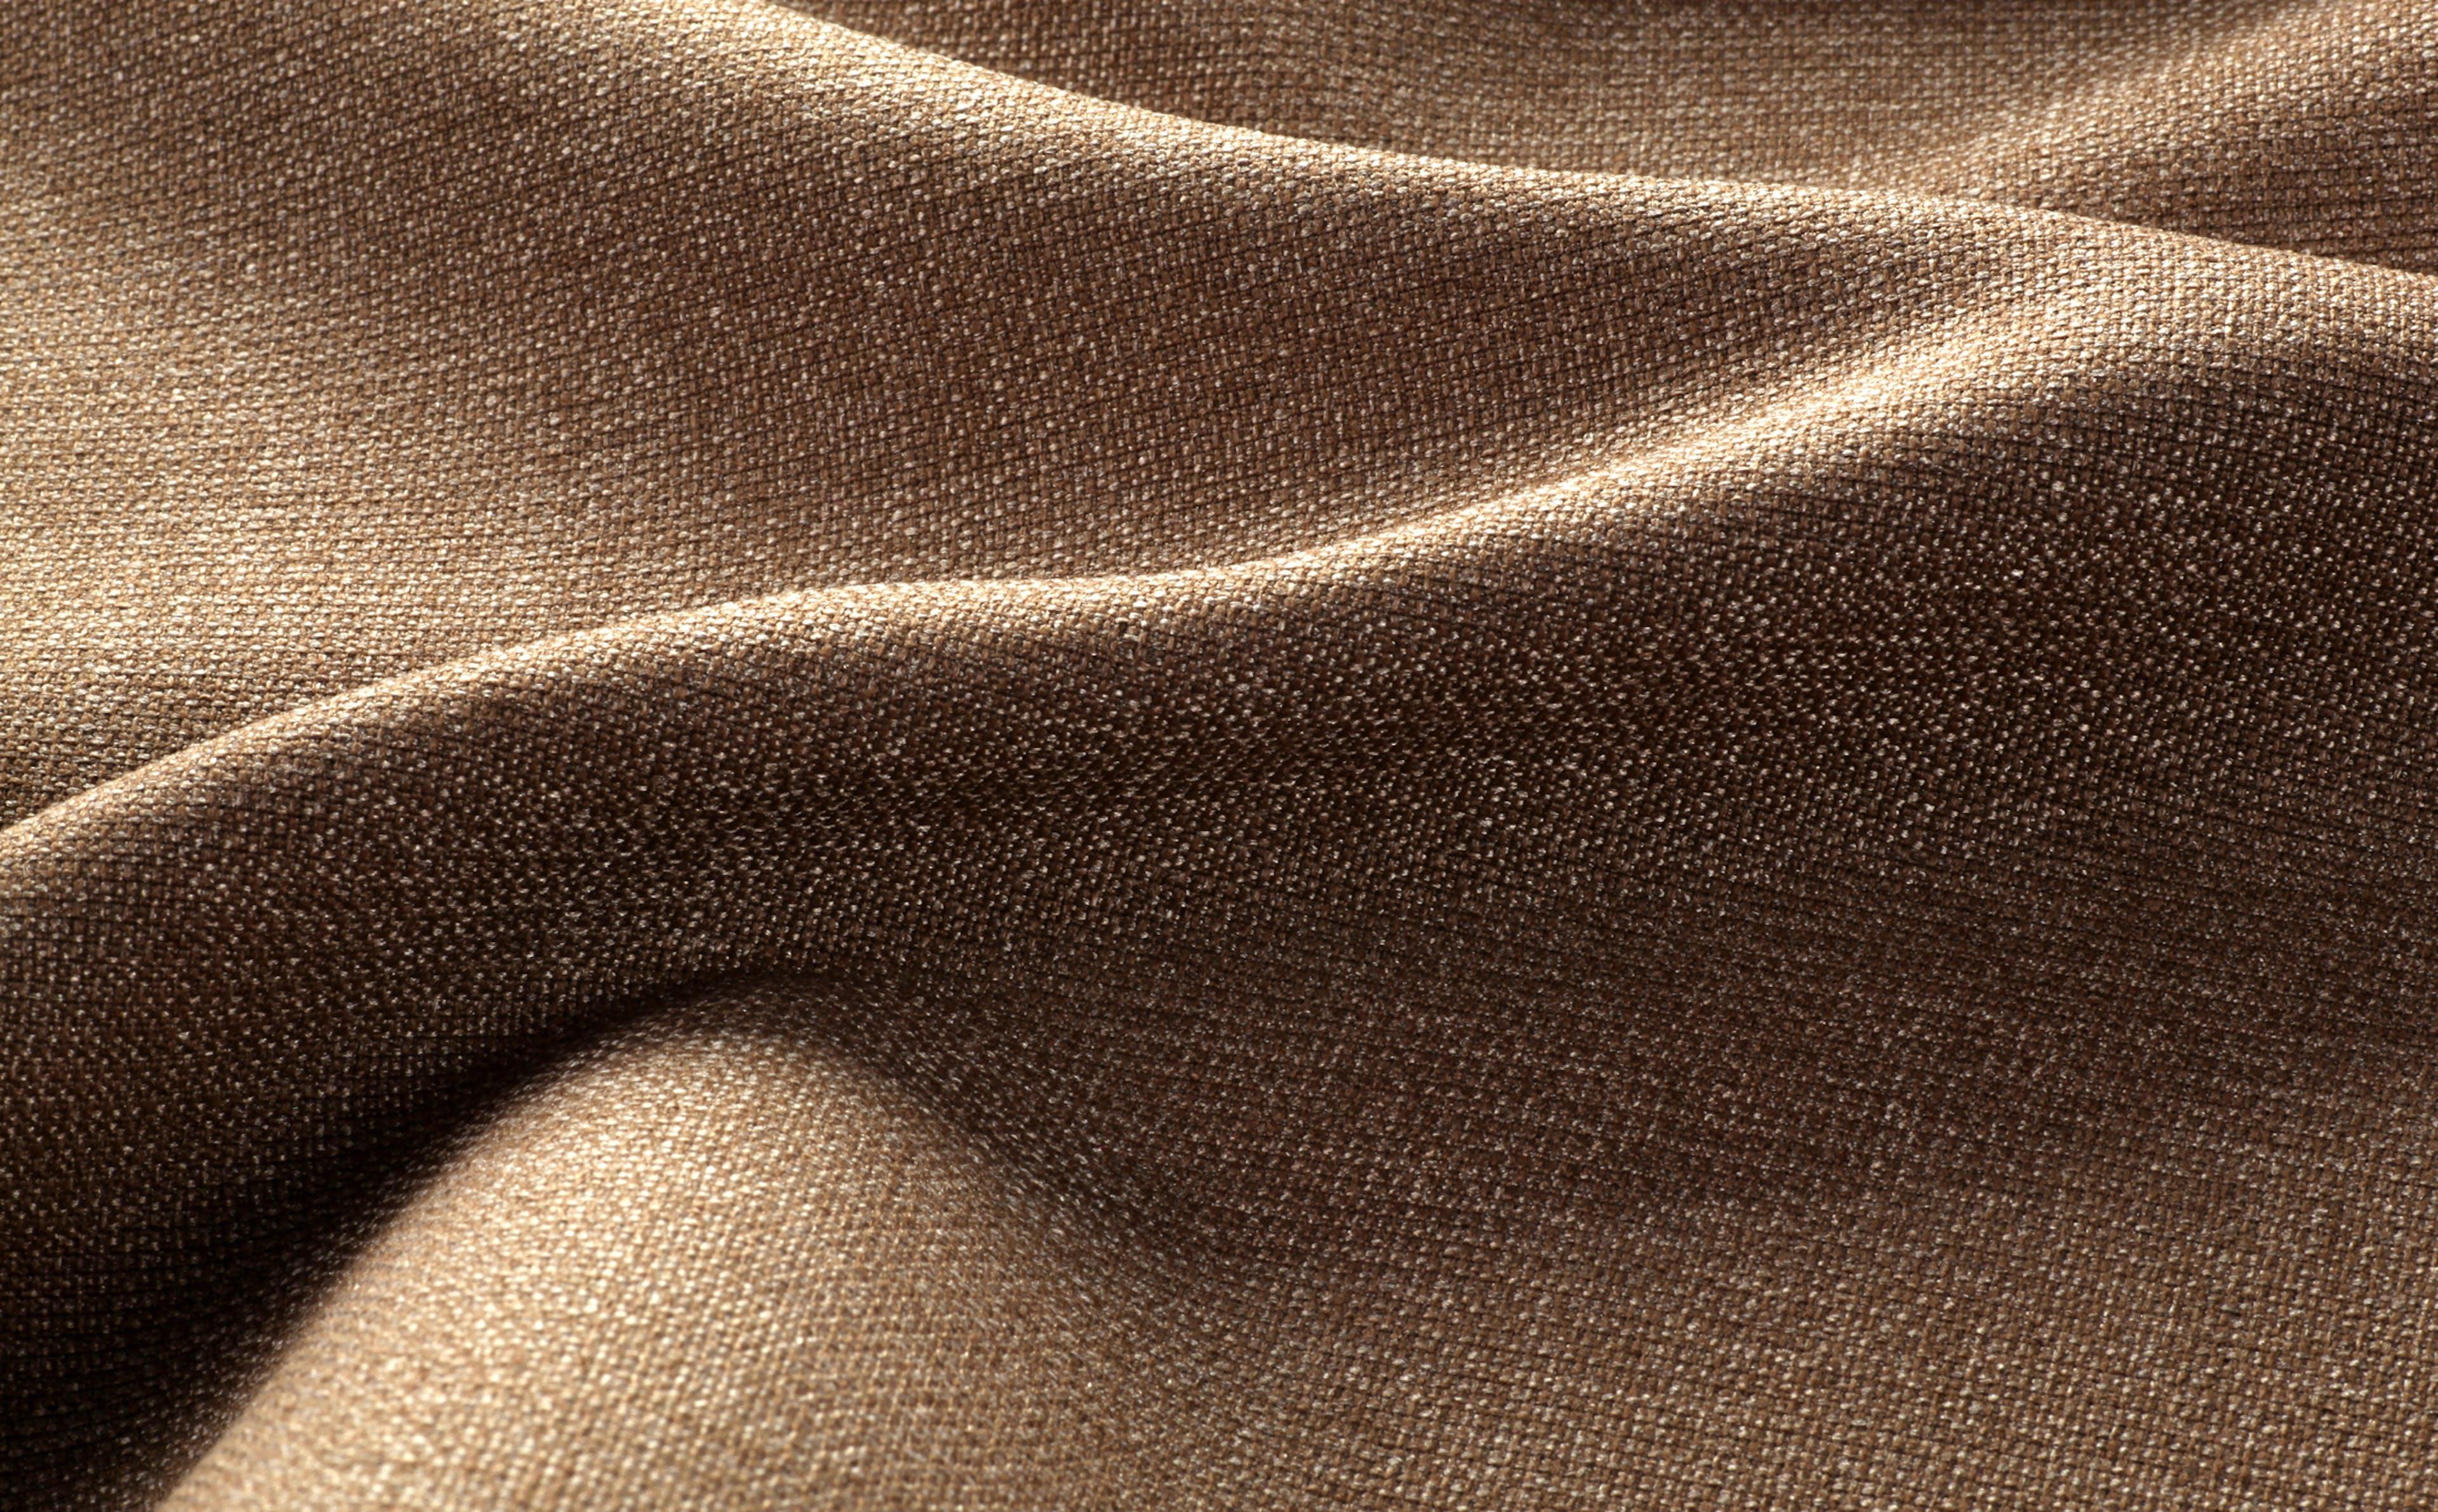 Baumwolle braun